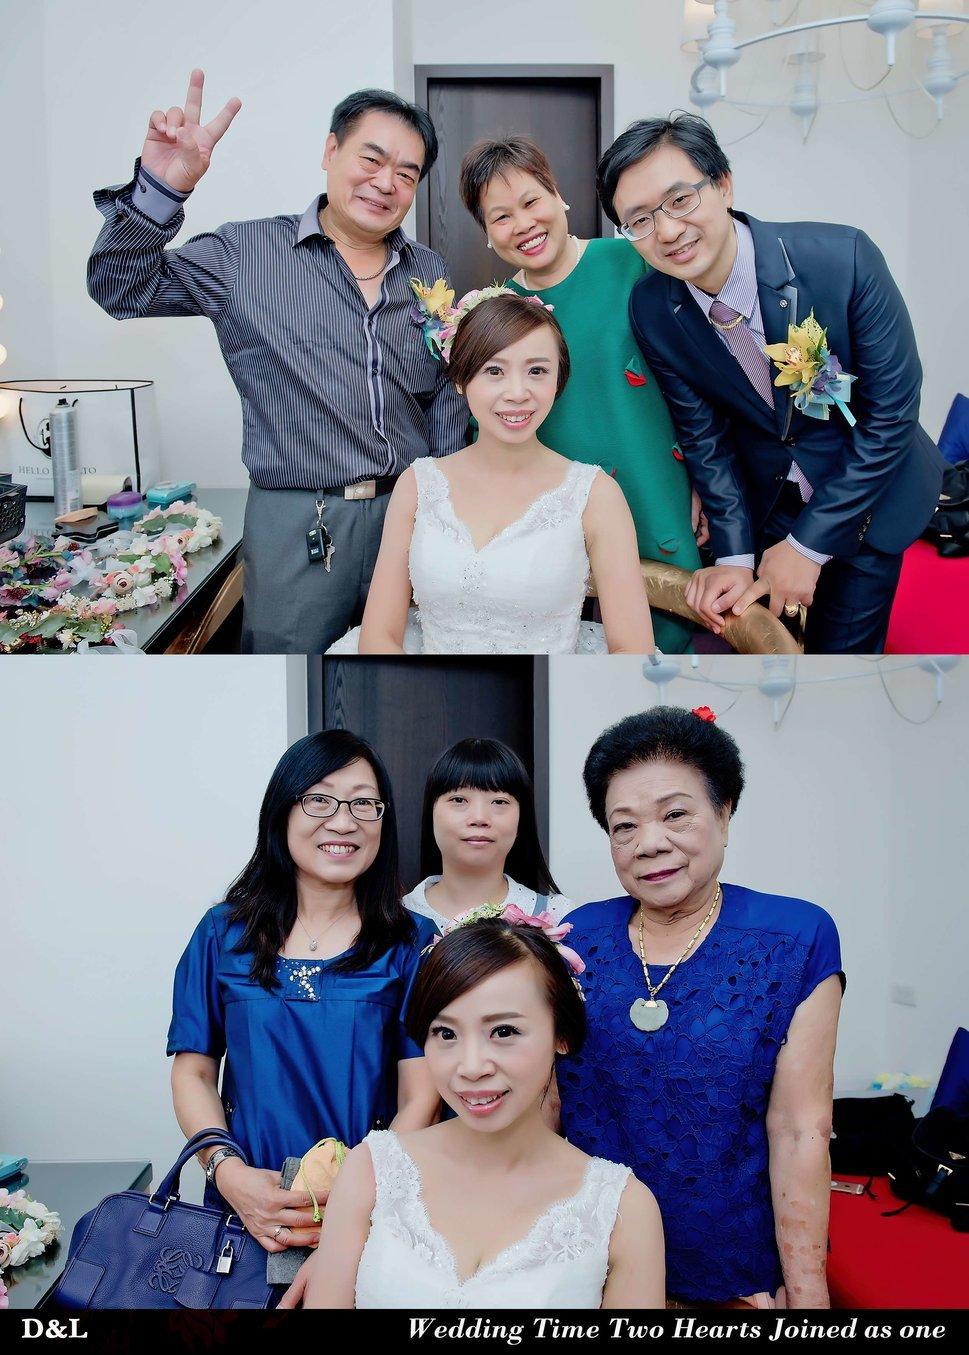 婚禮記錄 維信&佩君(編號:374407) - D&L 婚禮事務-婚禮攝影/婚紗攝影 - 結婚吧一站式婚禮服務平台